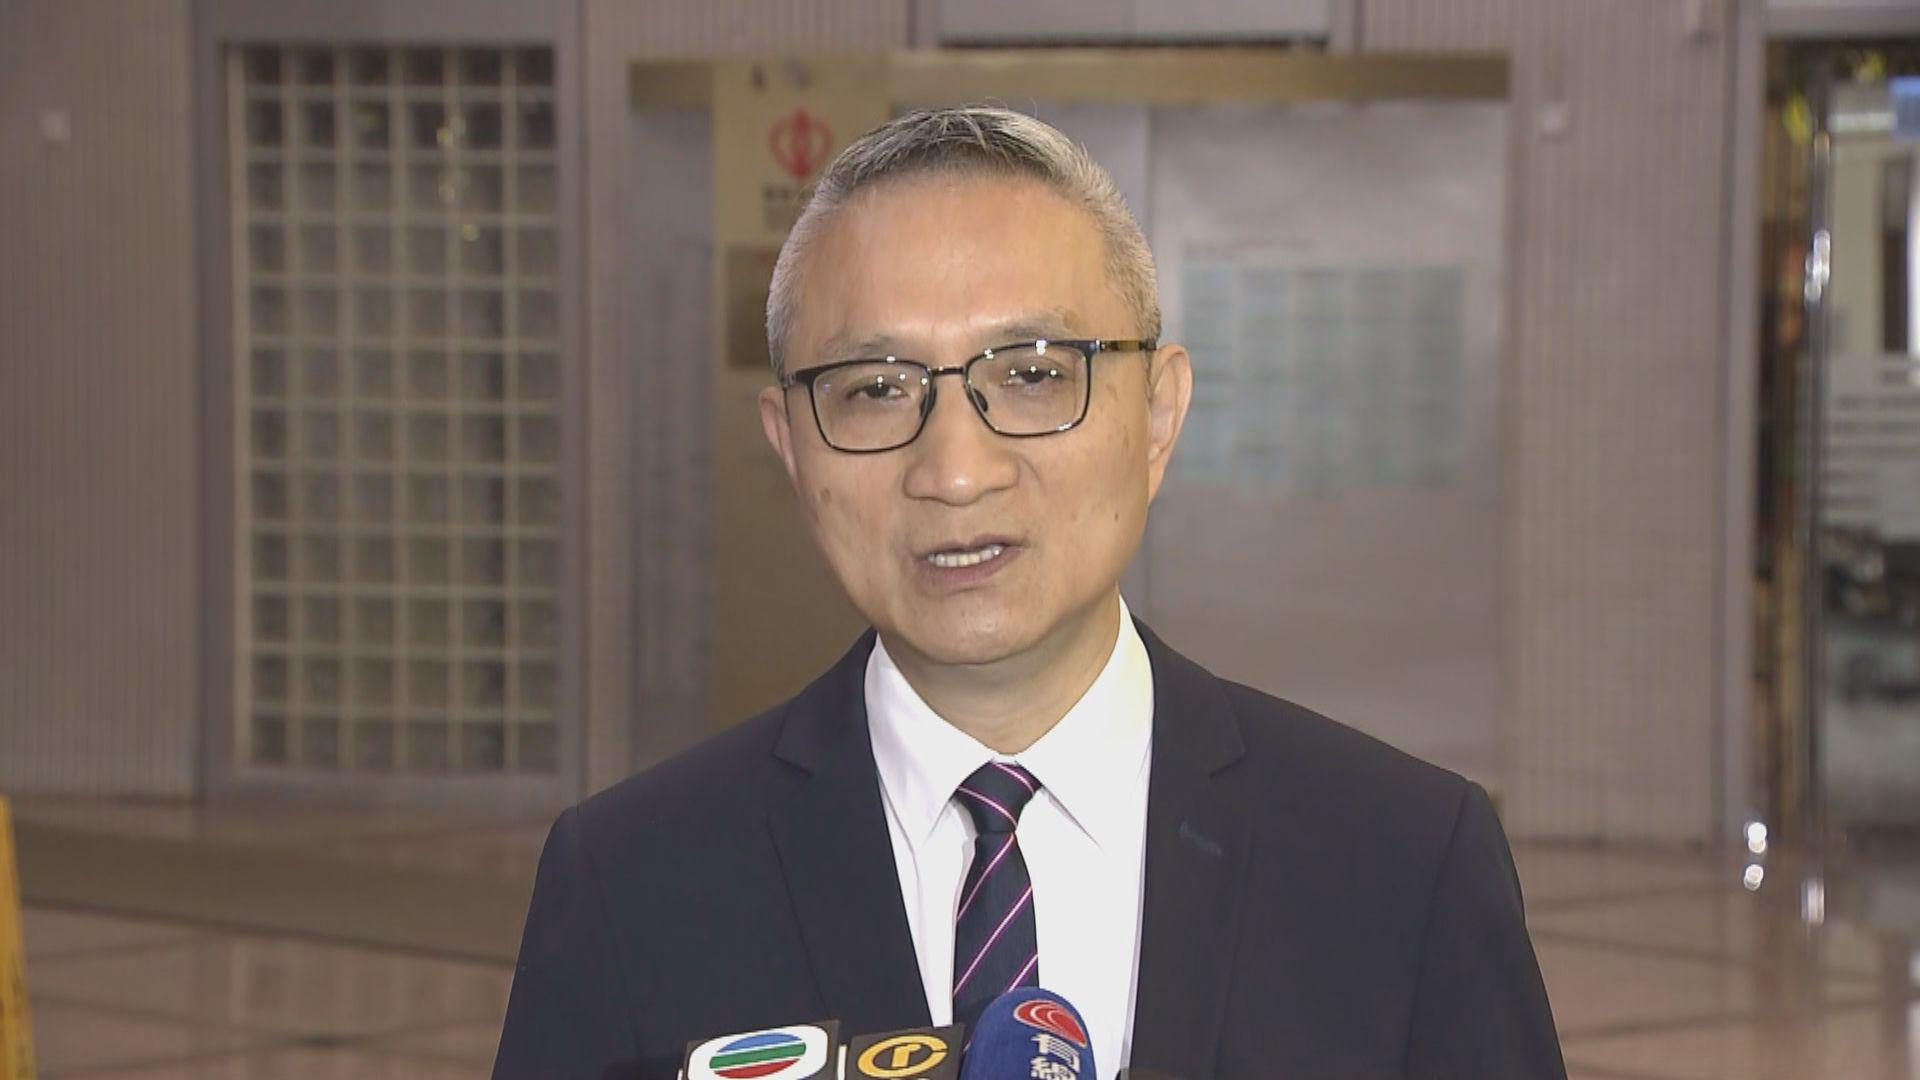 徐德義:應集中處理如何吸引更多海外醫生來港工作